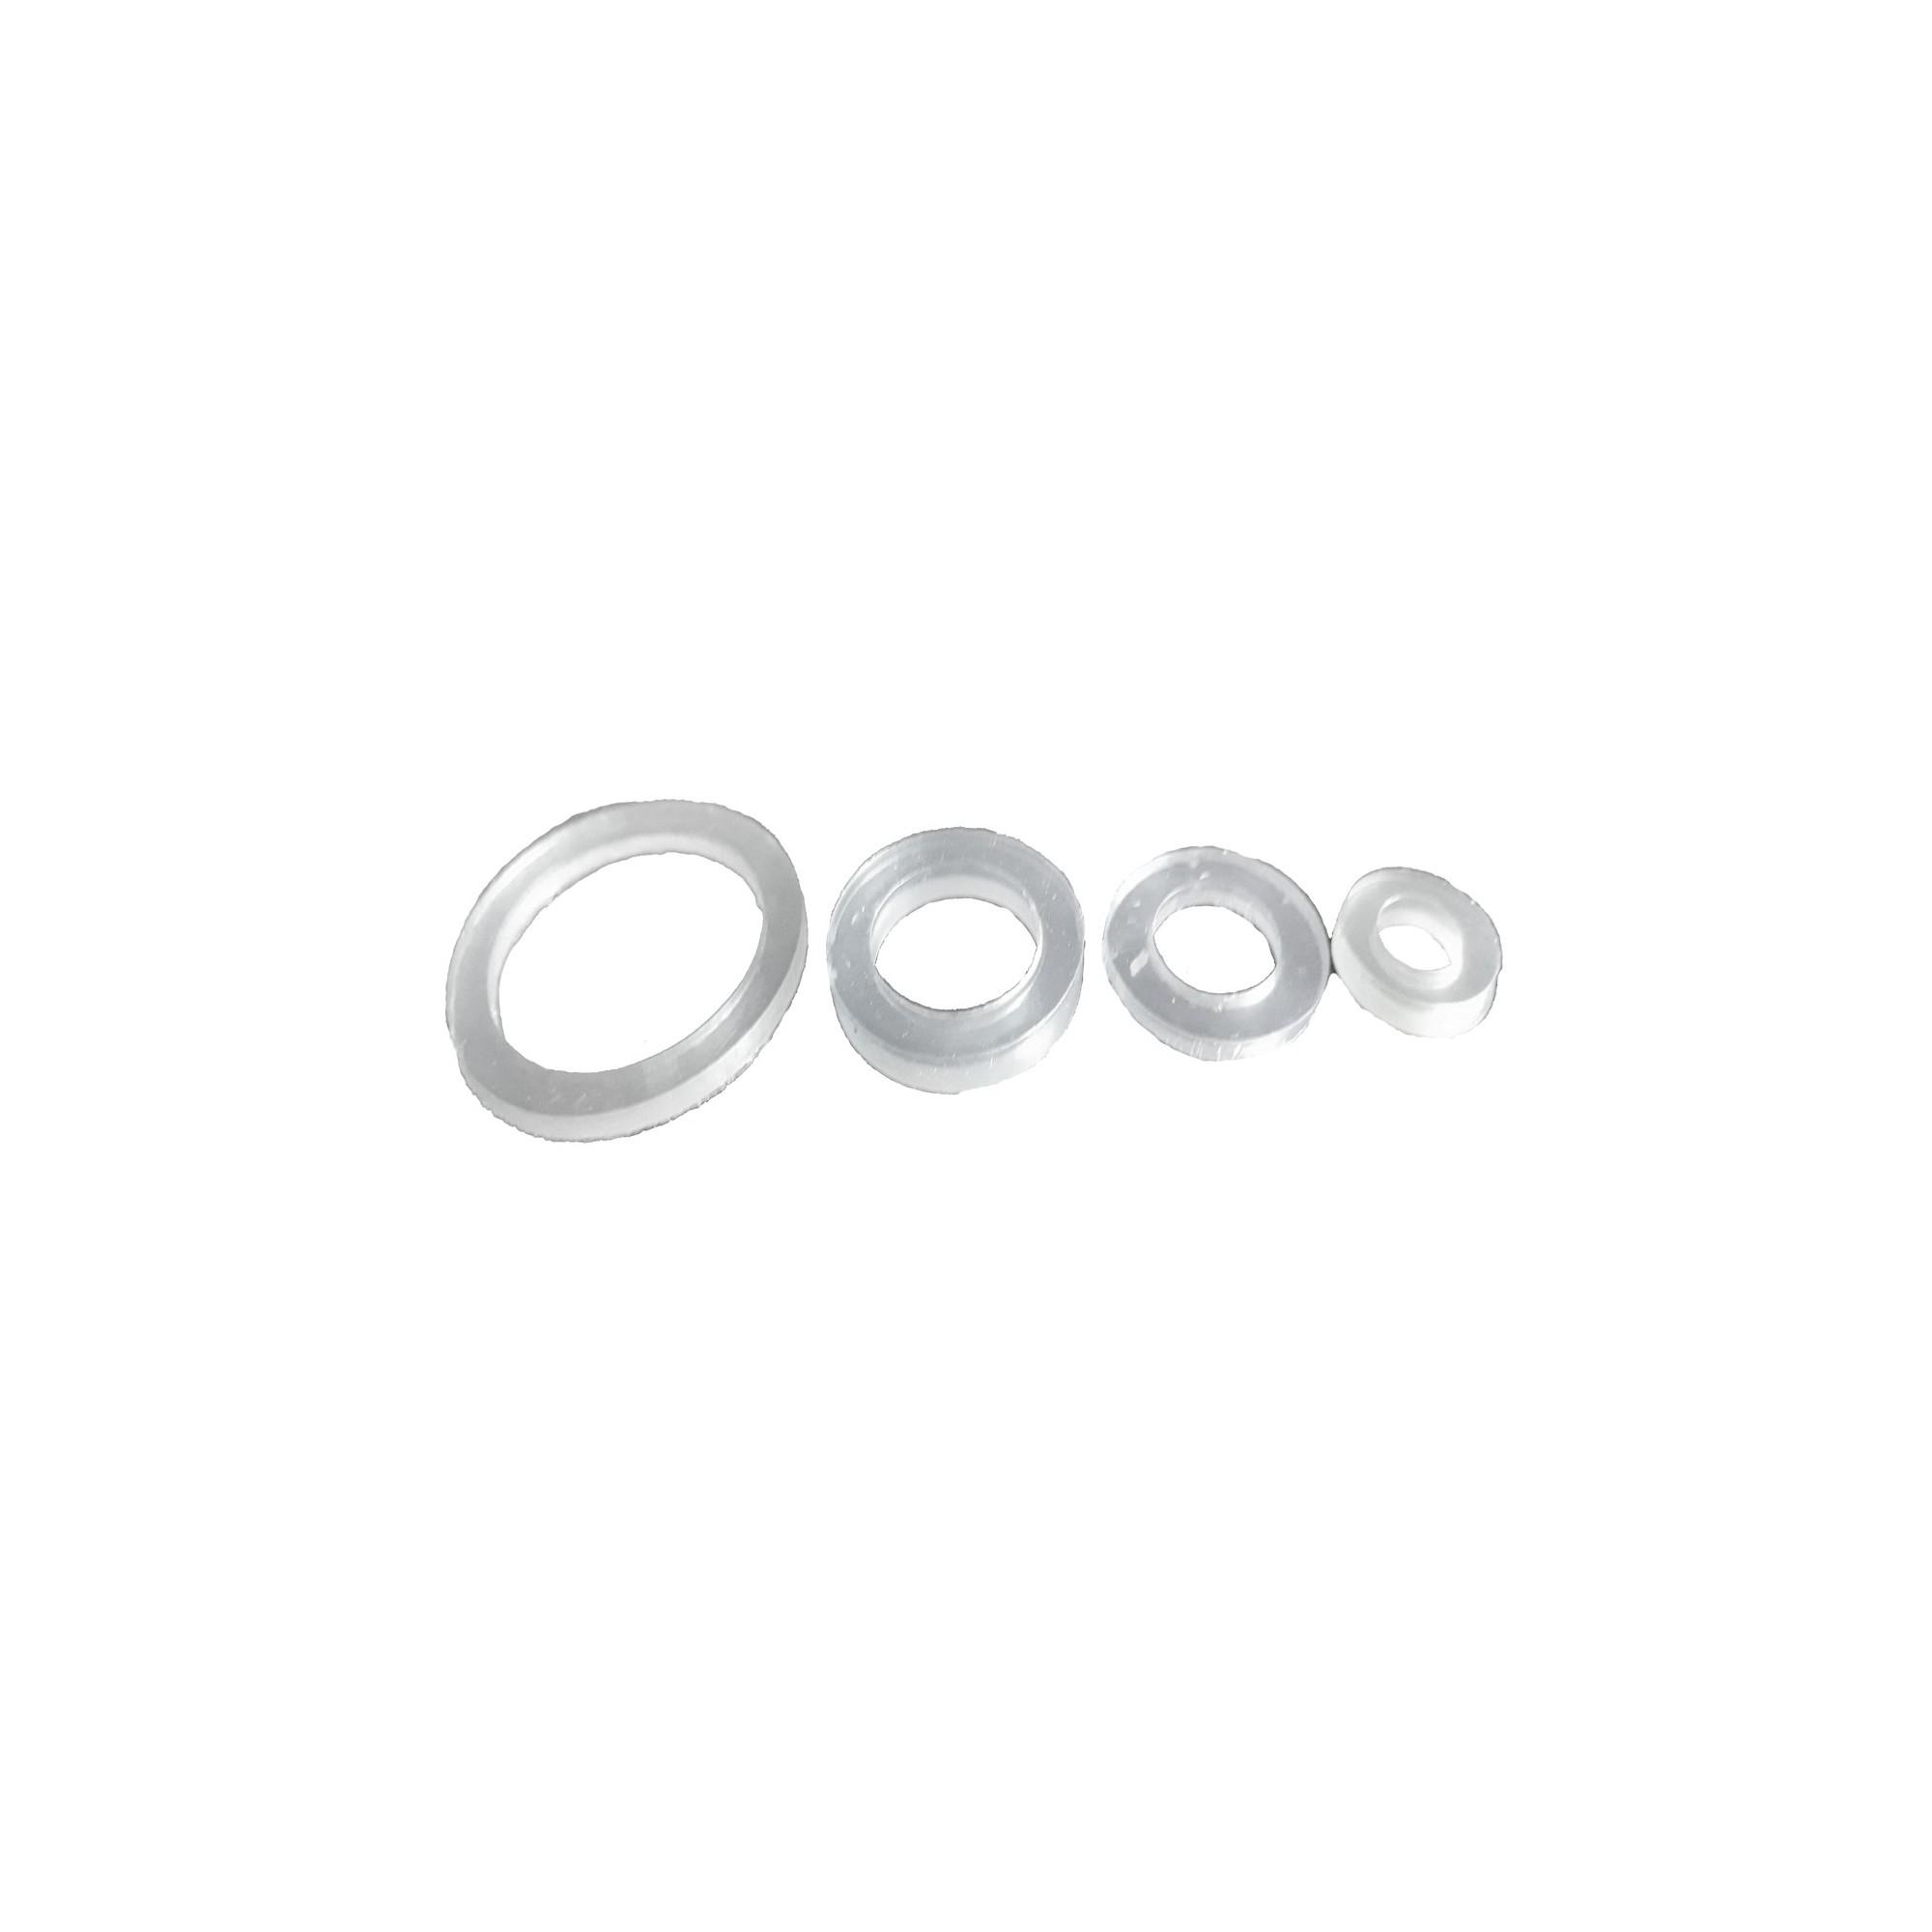 Упаковка силиконовых прокладок 100 шт 1/2 ПВХ J.G. - 1